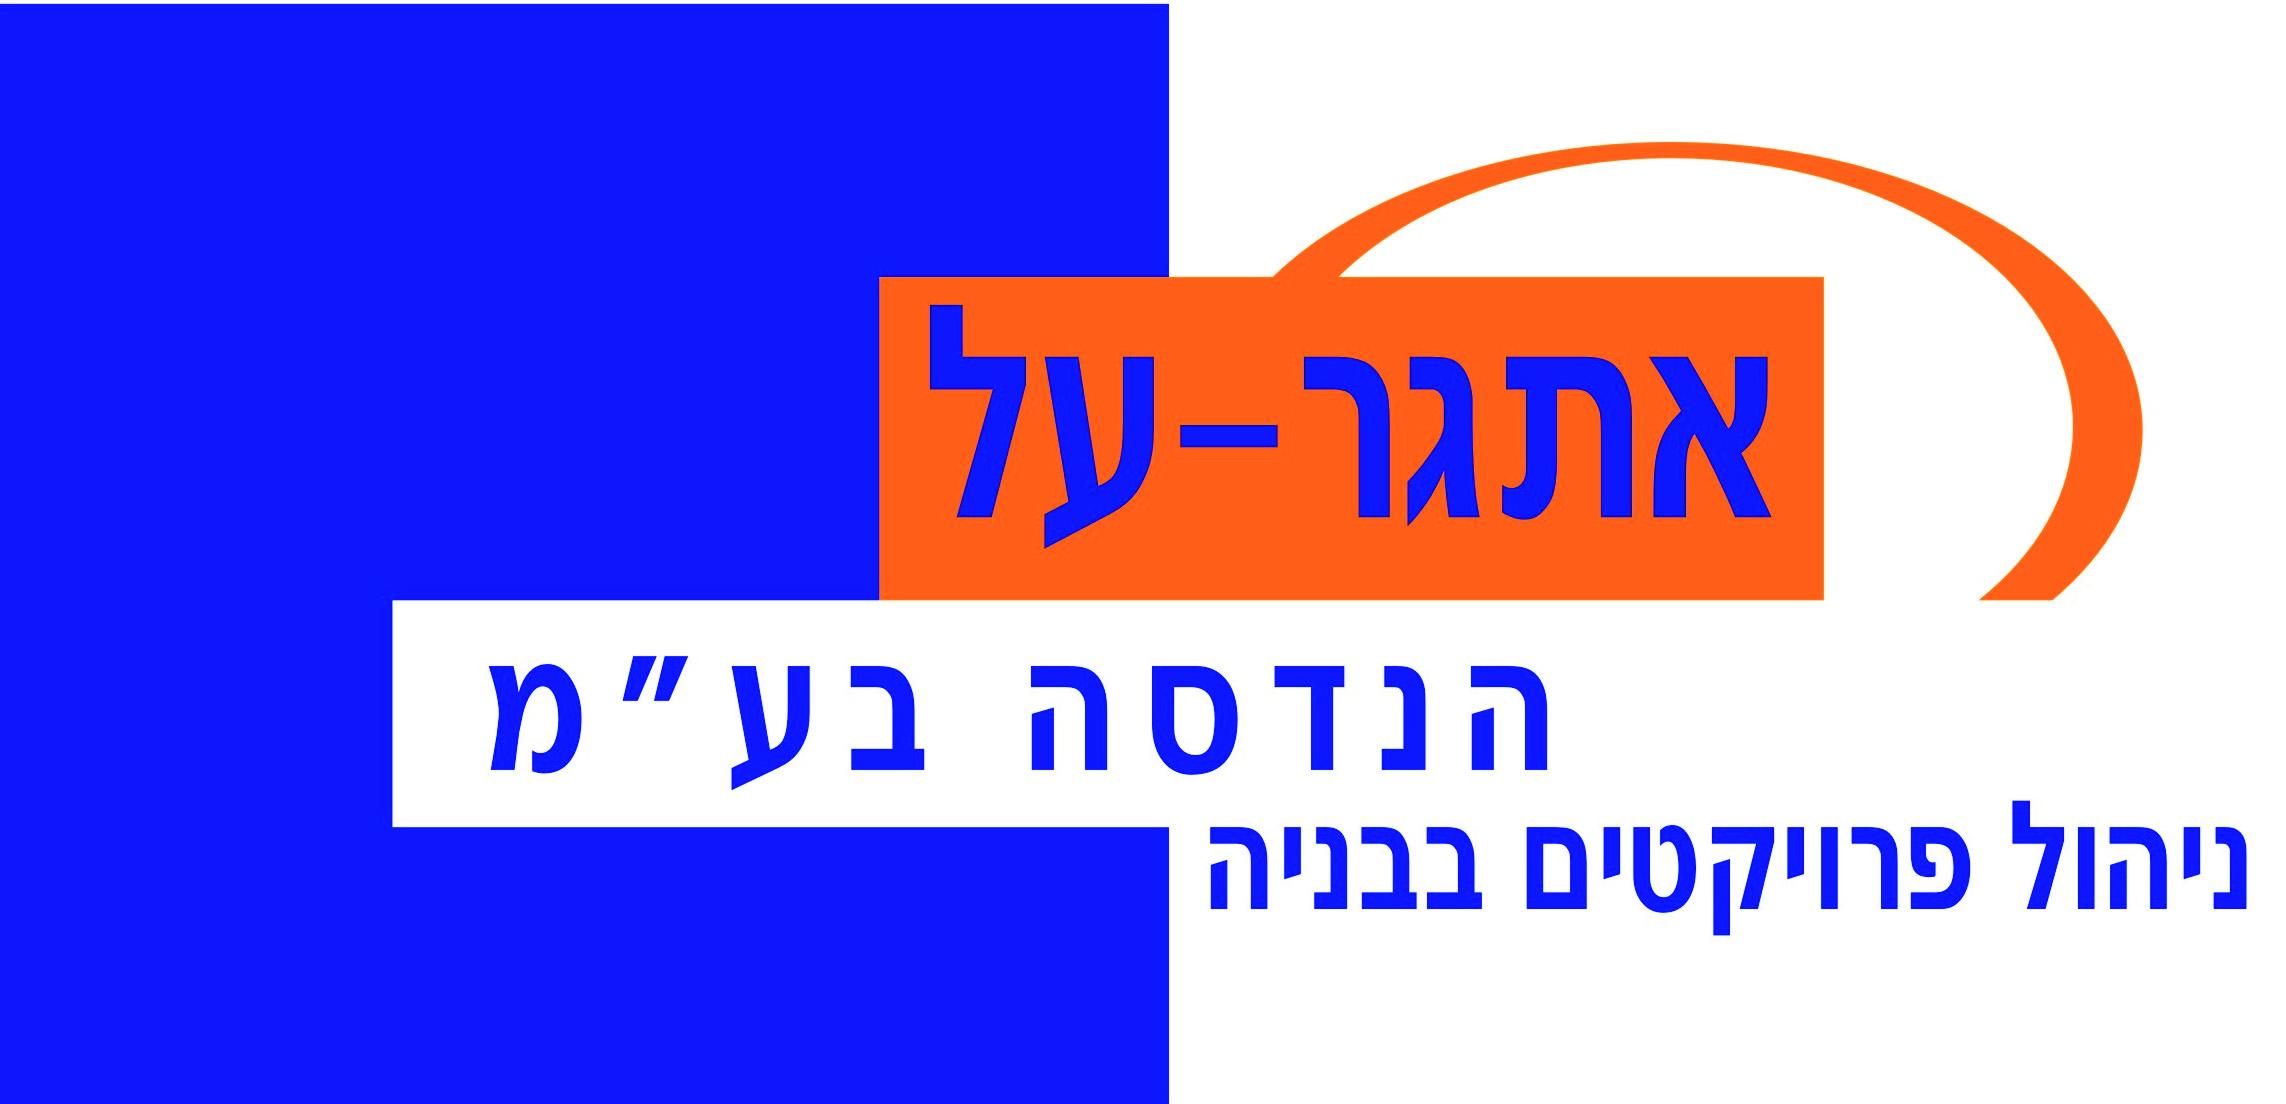 לוגו אתגר על הנדסה בעמ